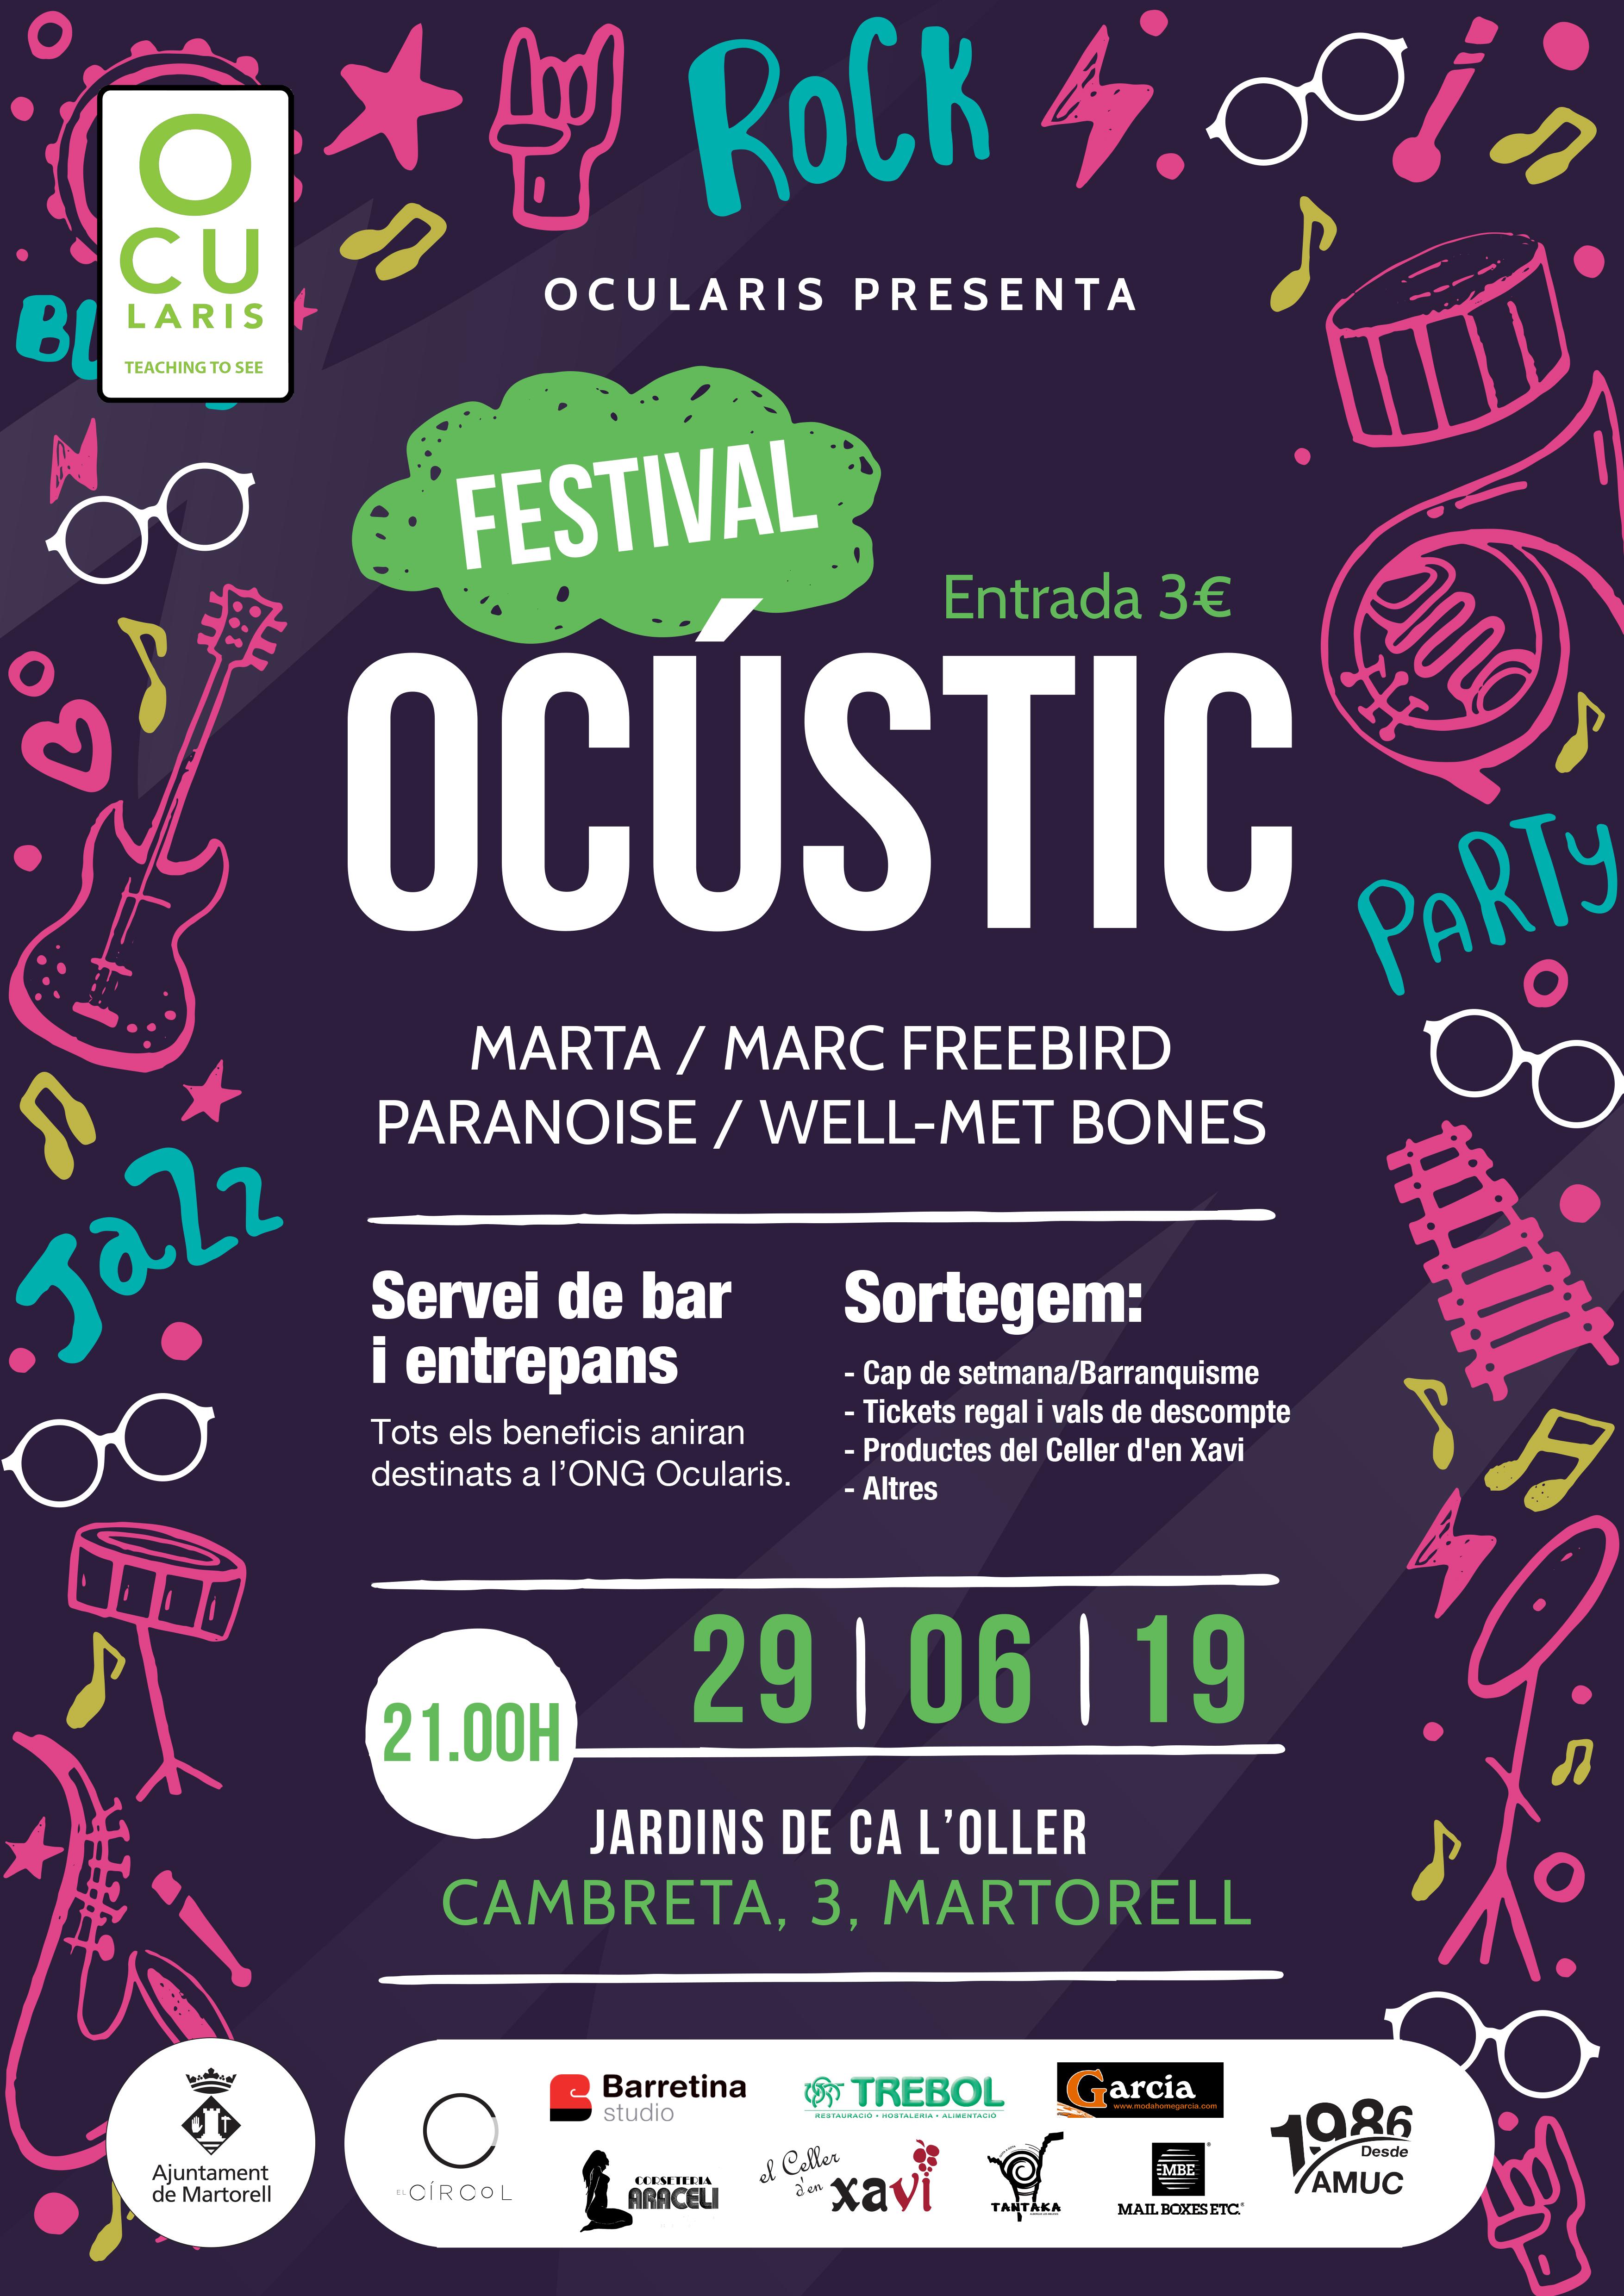 Ocustic